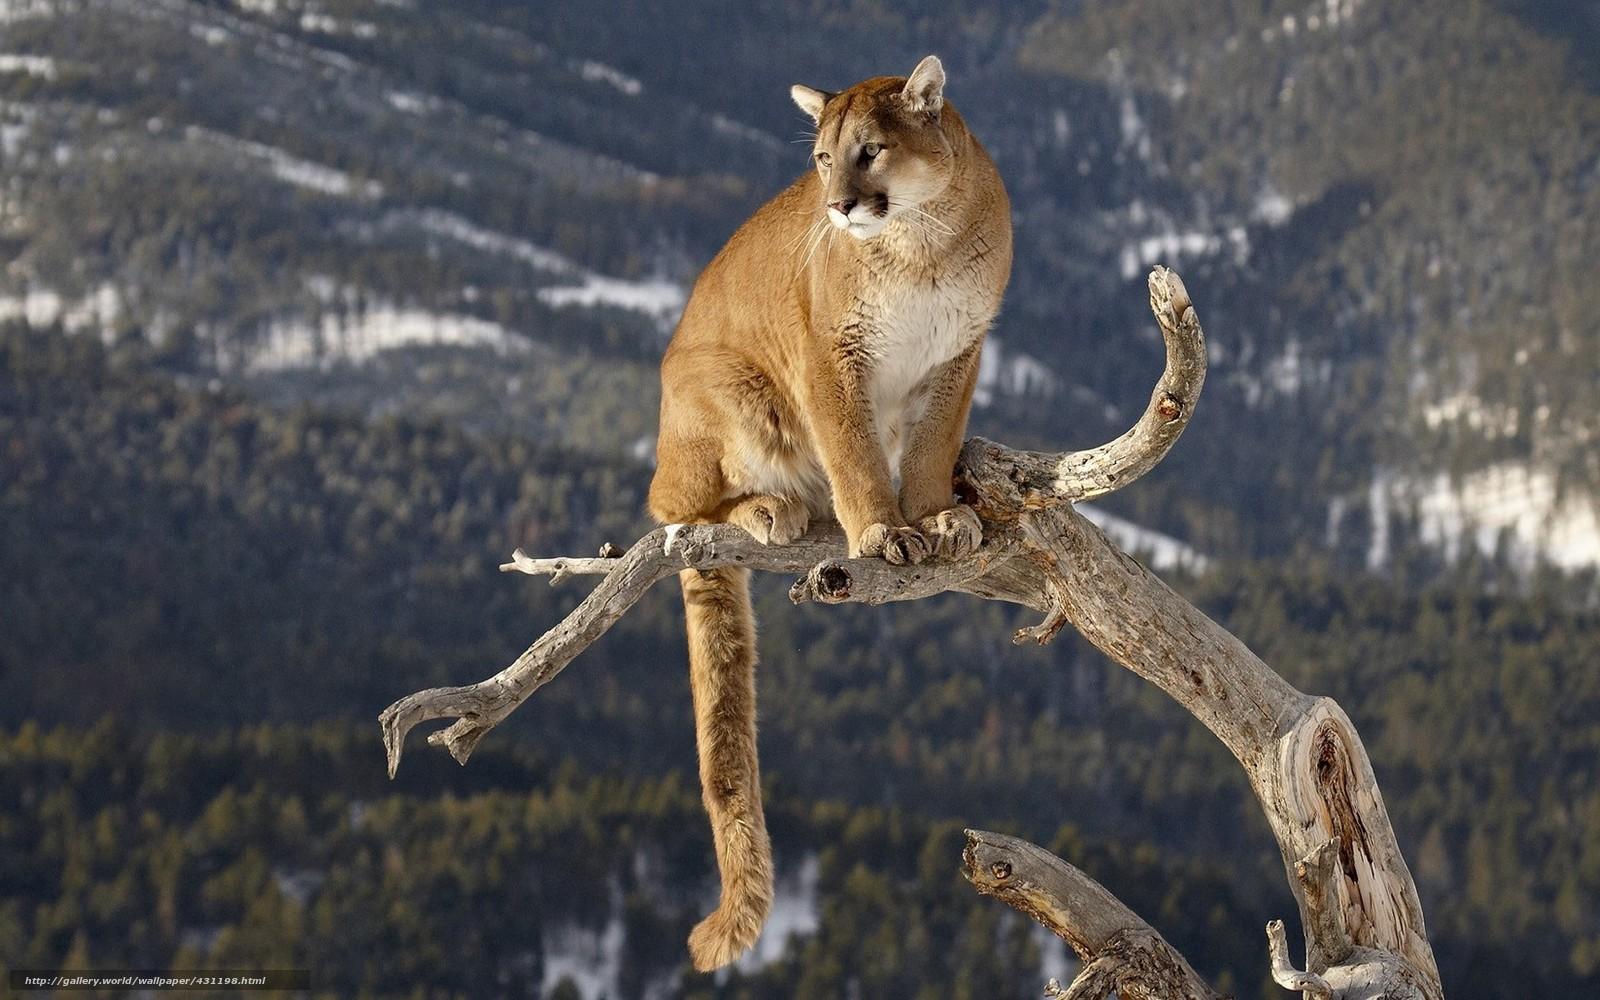 tlcharger fond d 39 ecran puma gros chat tronc lion de montagne fonds d 39 ecran gratuits pour. Black Bedroom Furniture Sets. Home Design Ideas